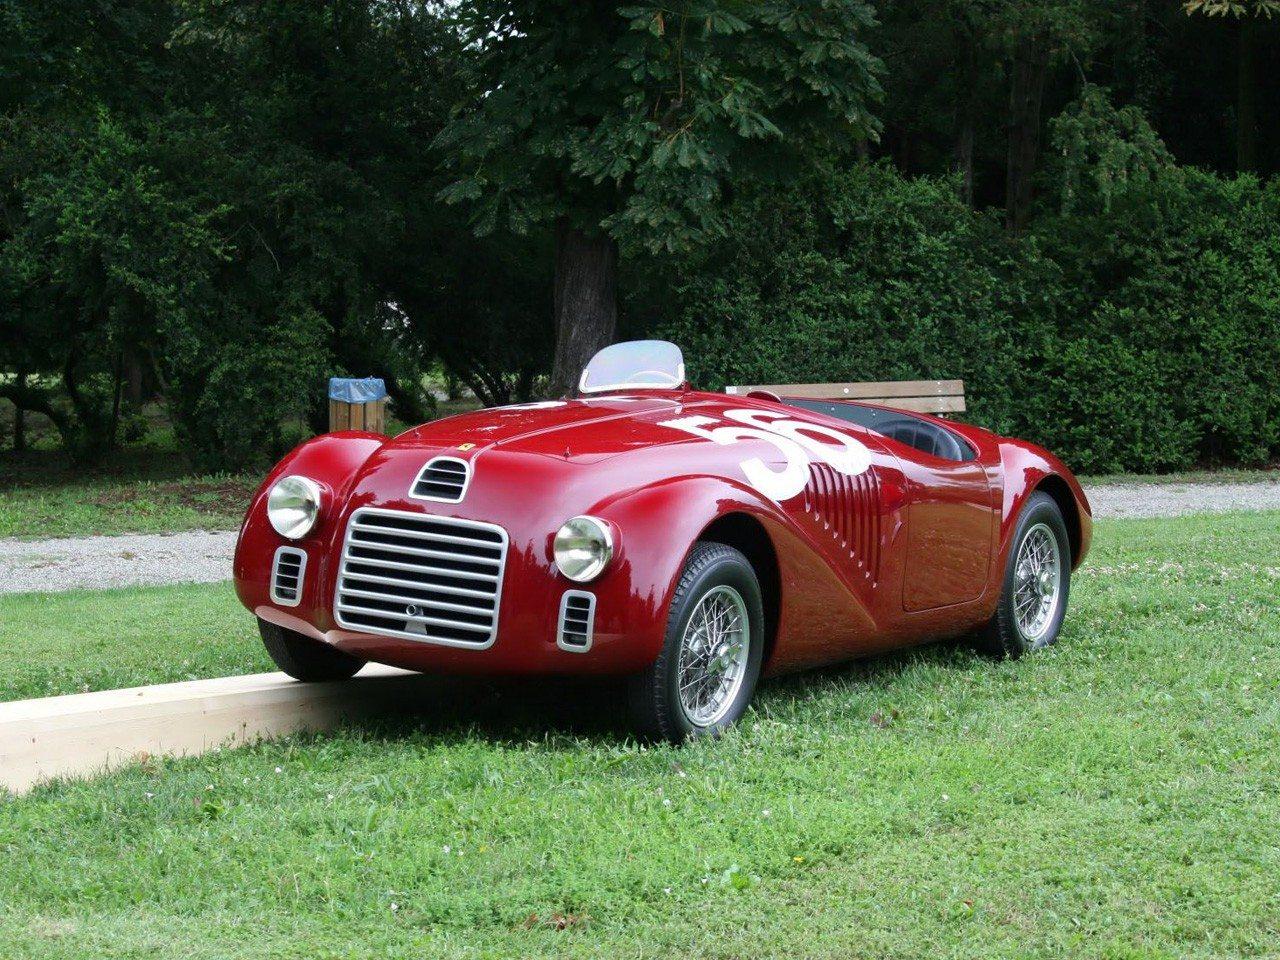 فيراري 125 أول سيارة تحمل اسم الشركة